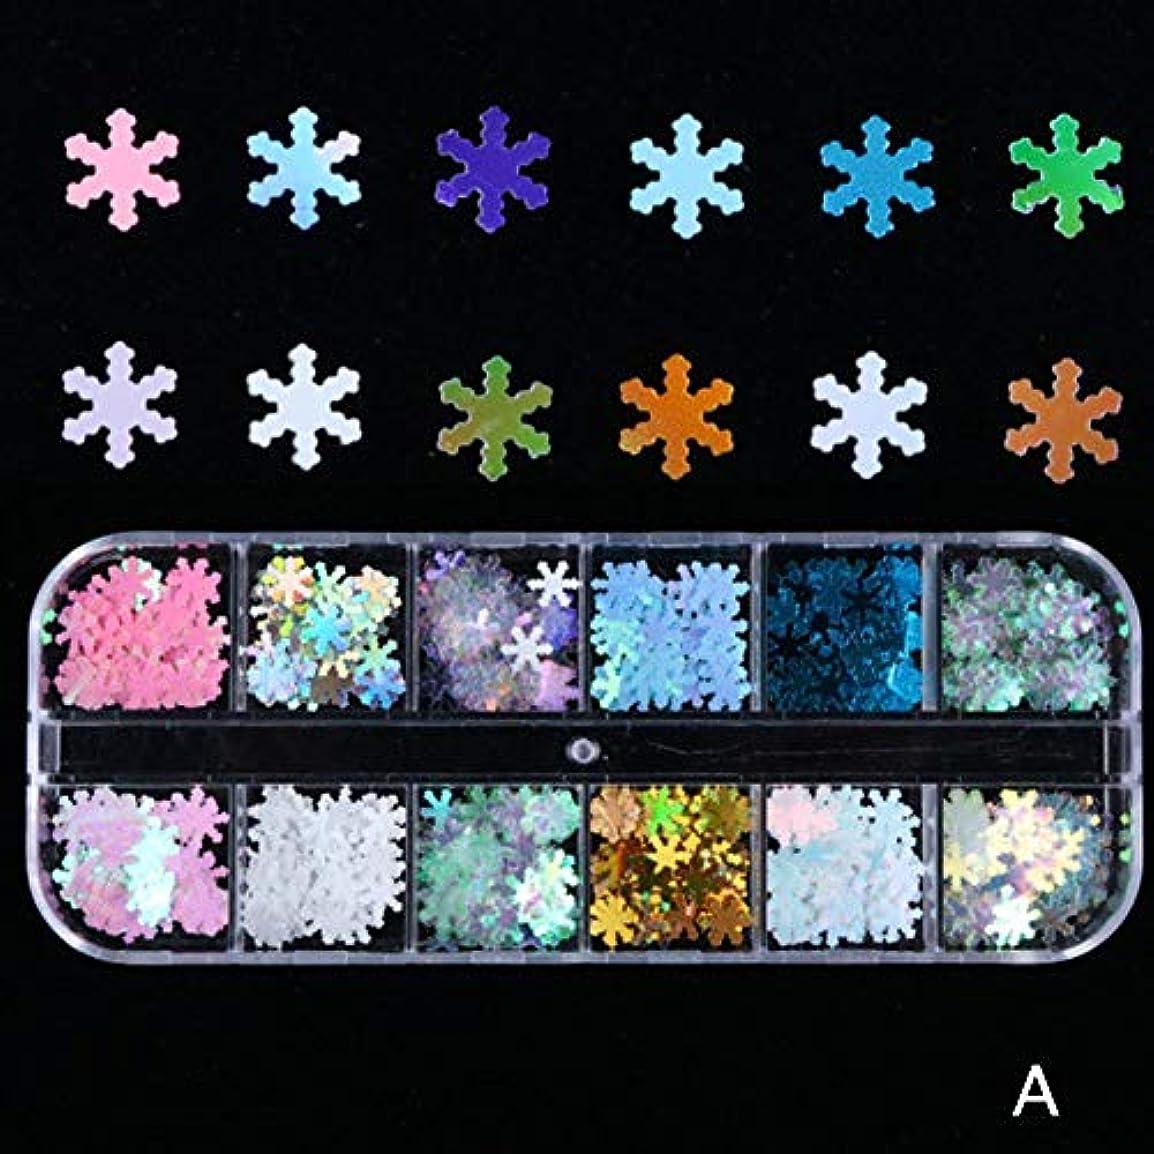 属性リダクターマージBETTER YOU (ベター ュー) ネイルアートデコレーションスパンコール、クリスマスシリーズ、スノーフレークスパンコール、多色